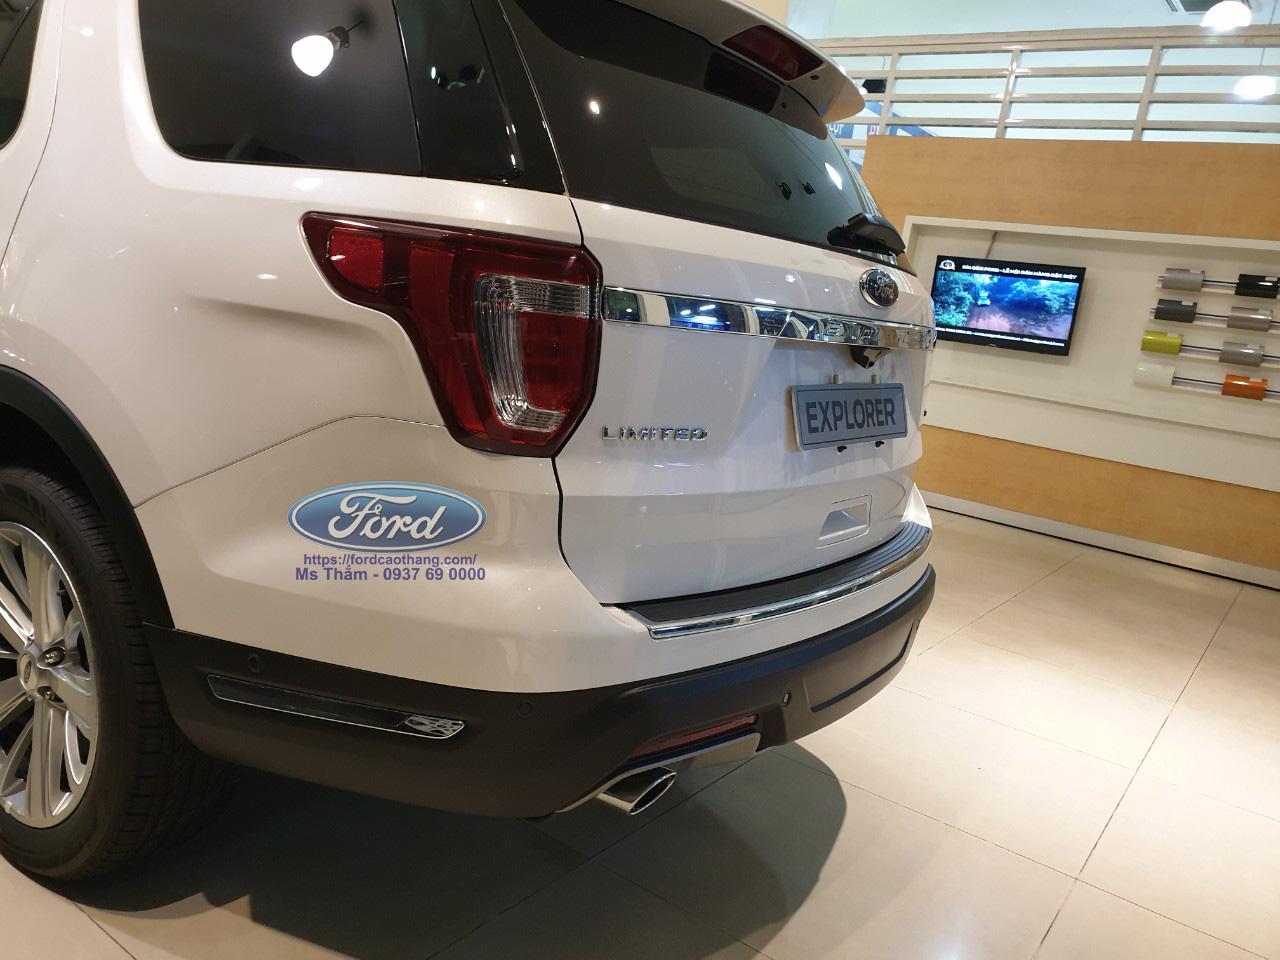 Đuôi xe Ford Explorer 2019